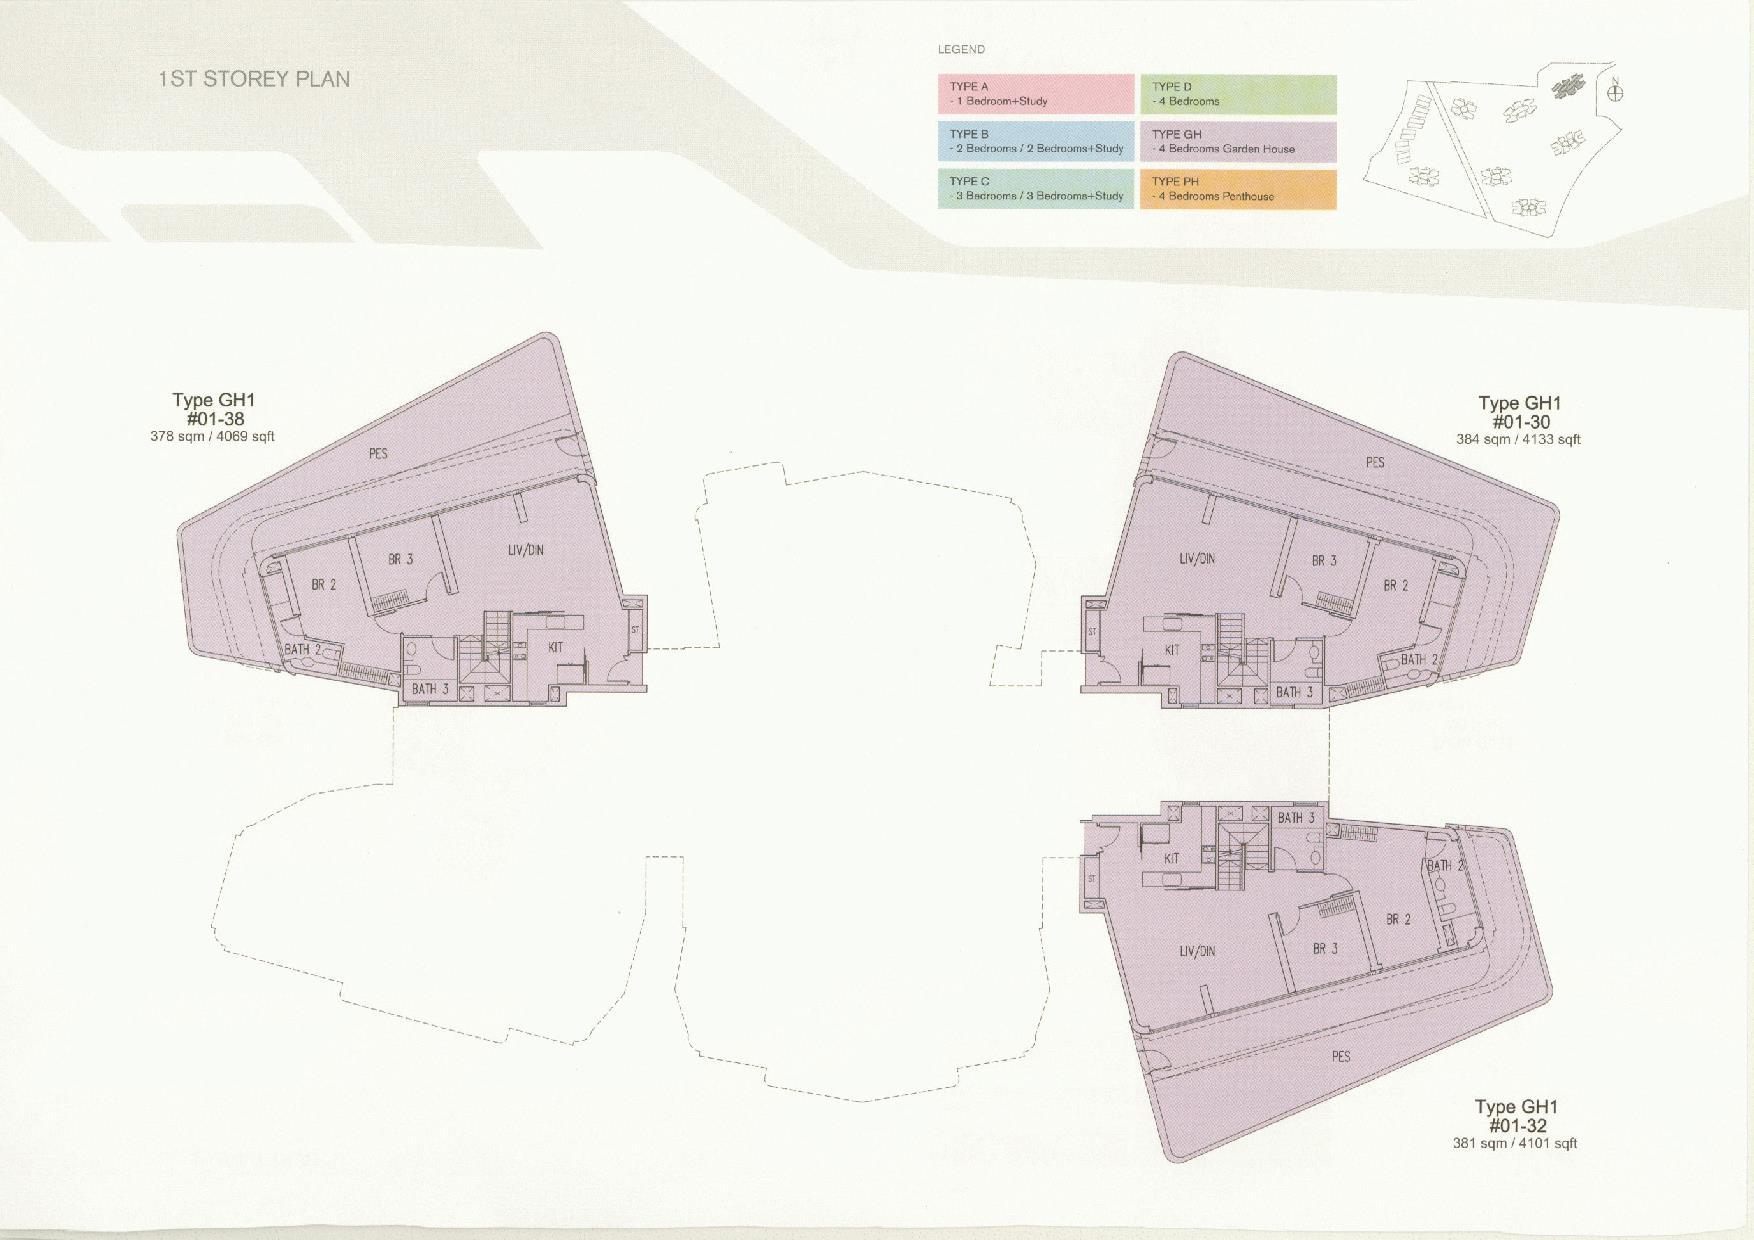 D'Leedon Block 11 1st Storey Floor Plans